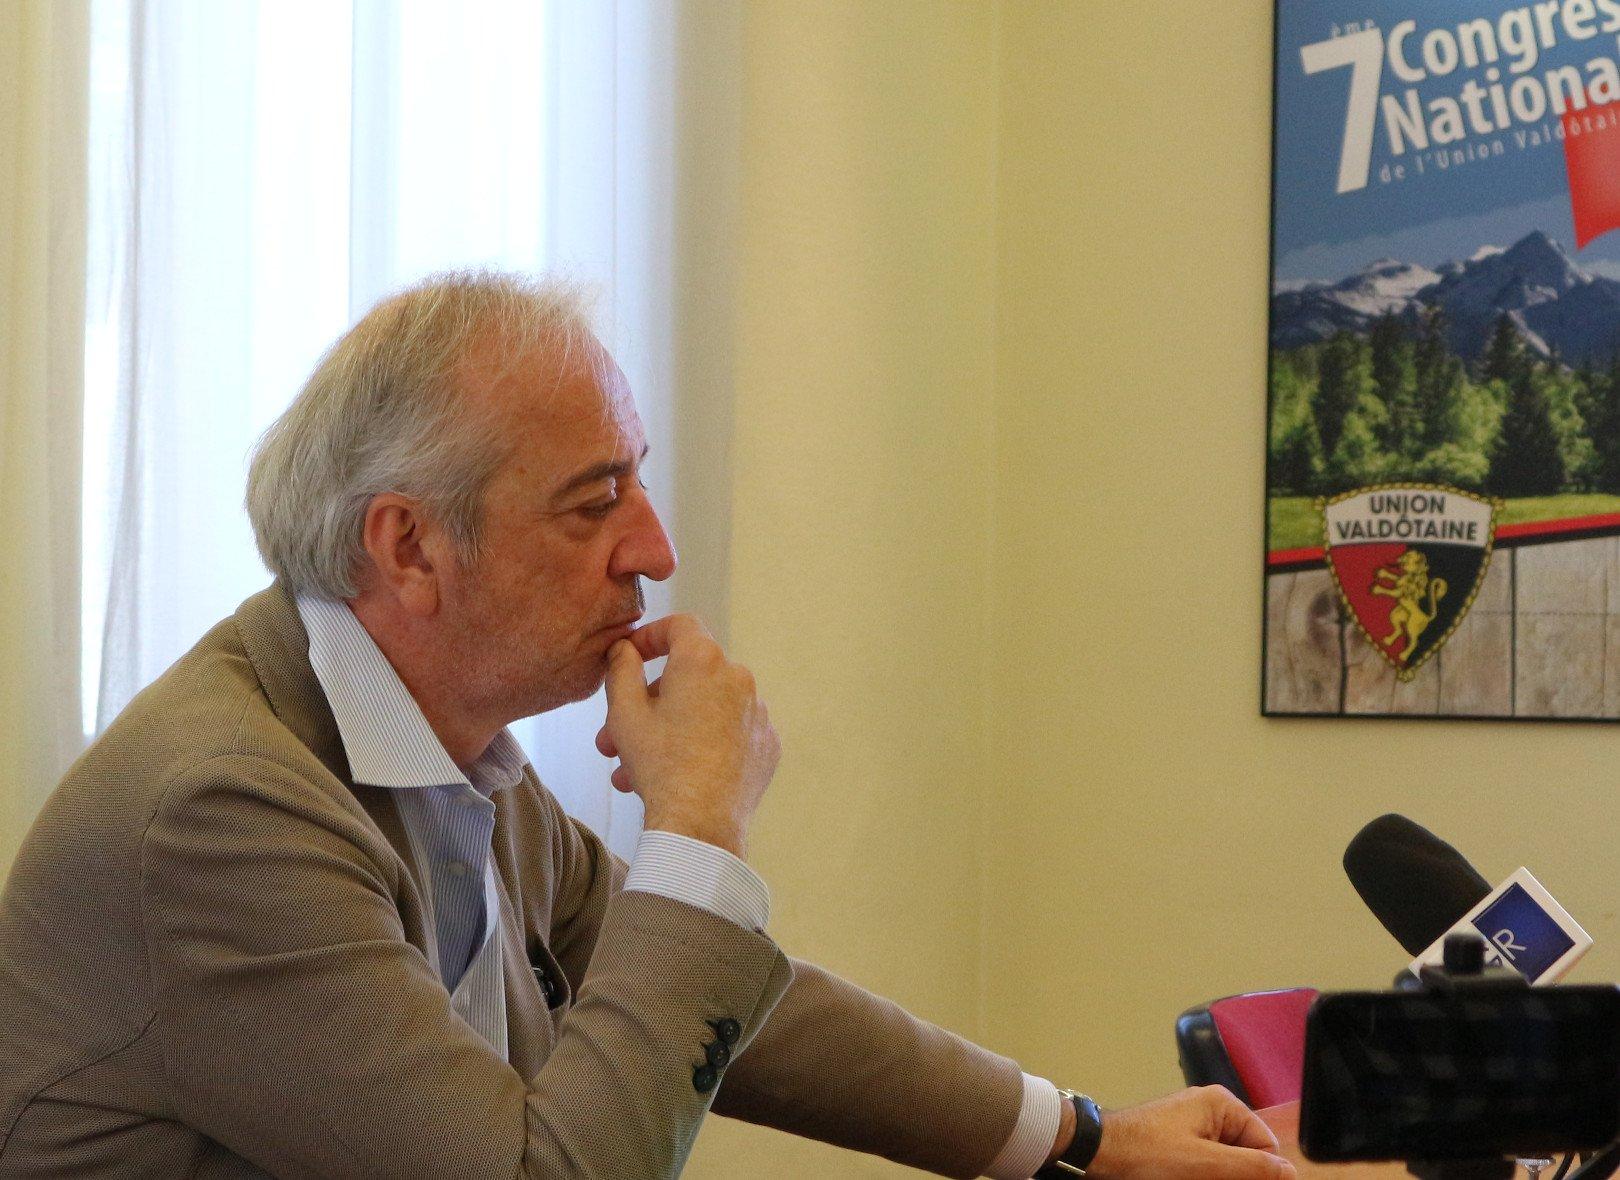 Flavio Peinetti lascia l'Union Valdôtaine: «profondo dissenso dalle decisioni del Mouvement, non mi ricandiderò alle regionali»